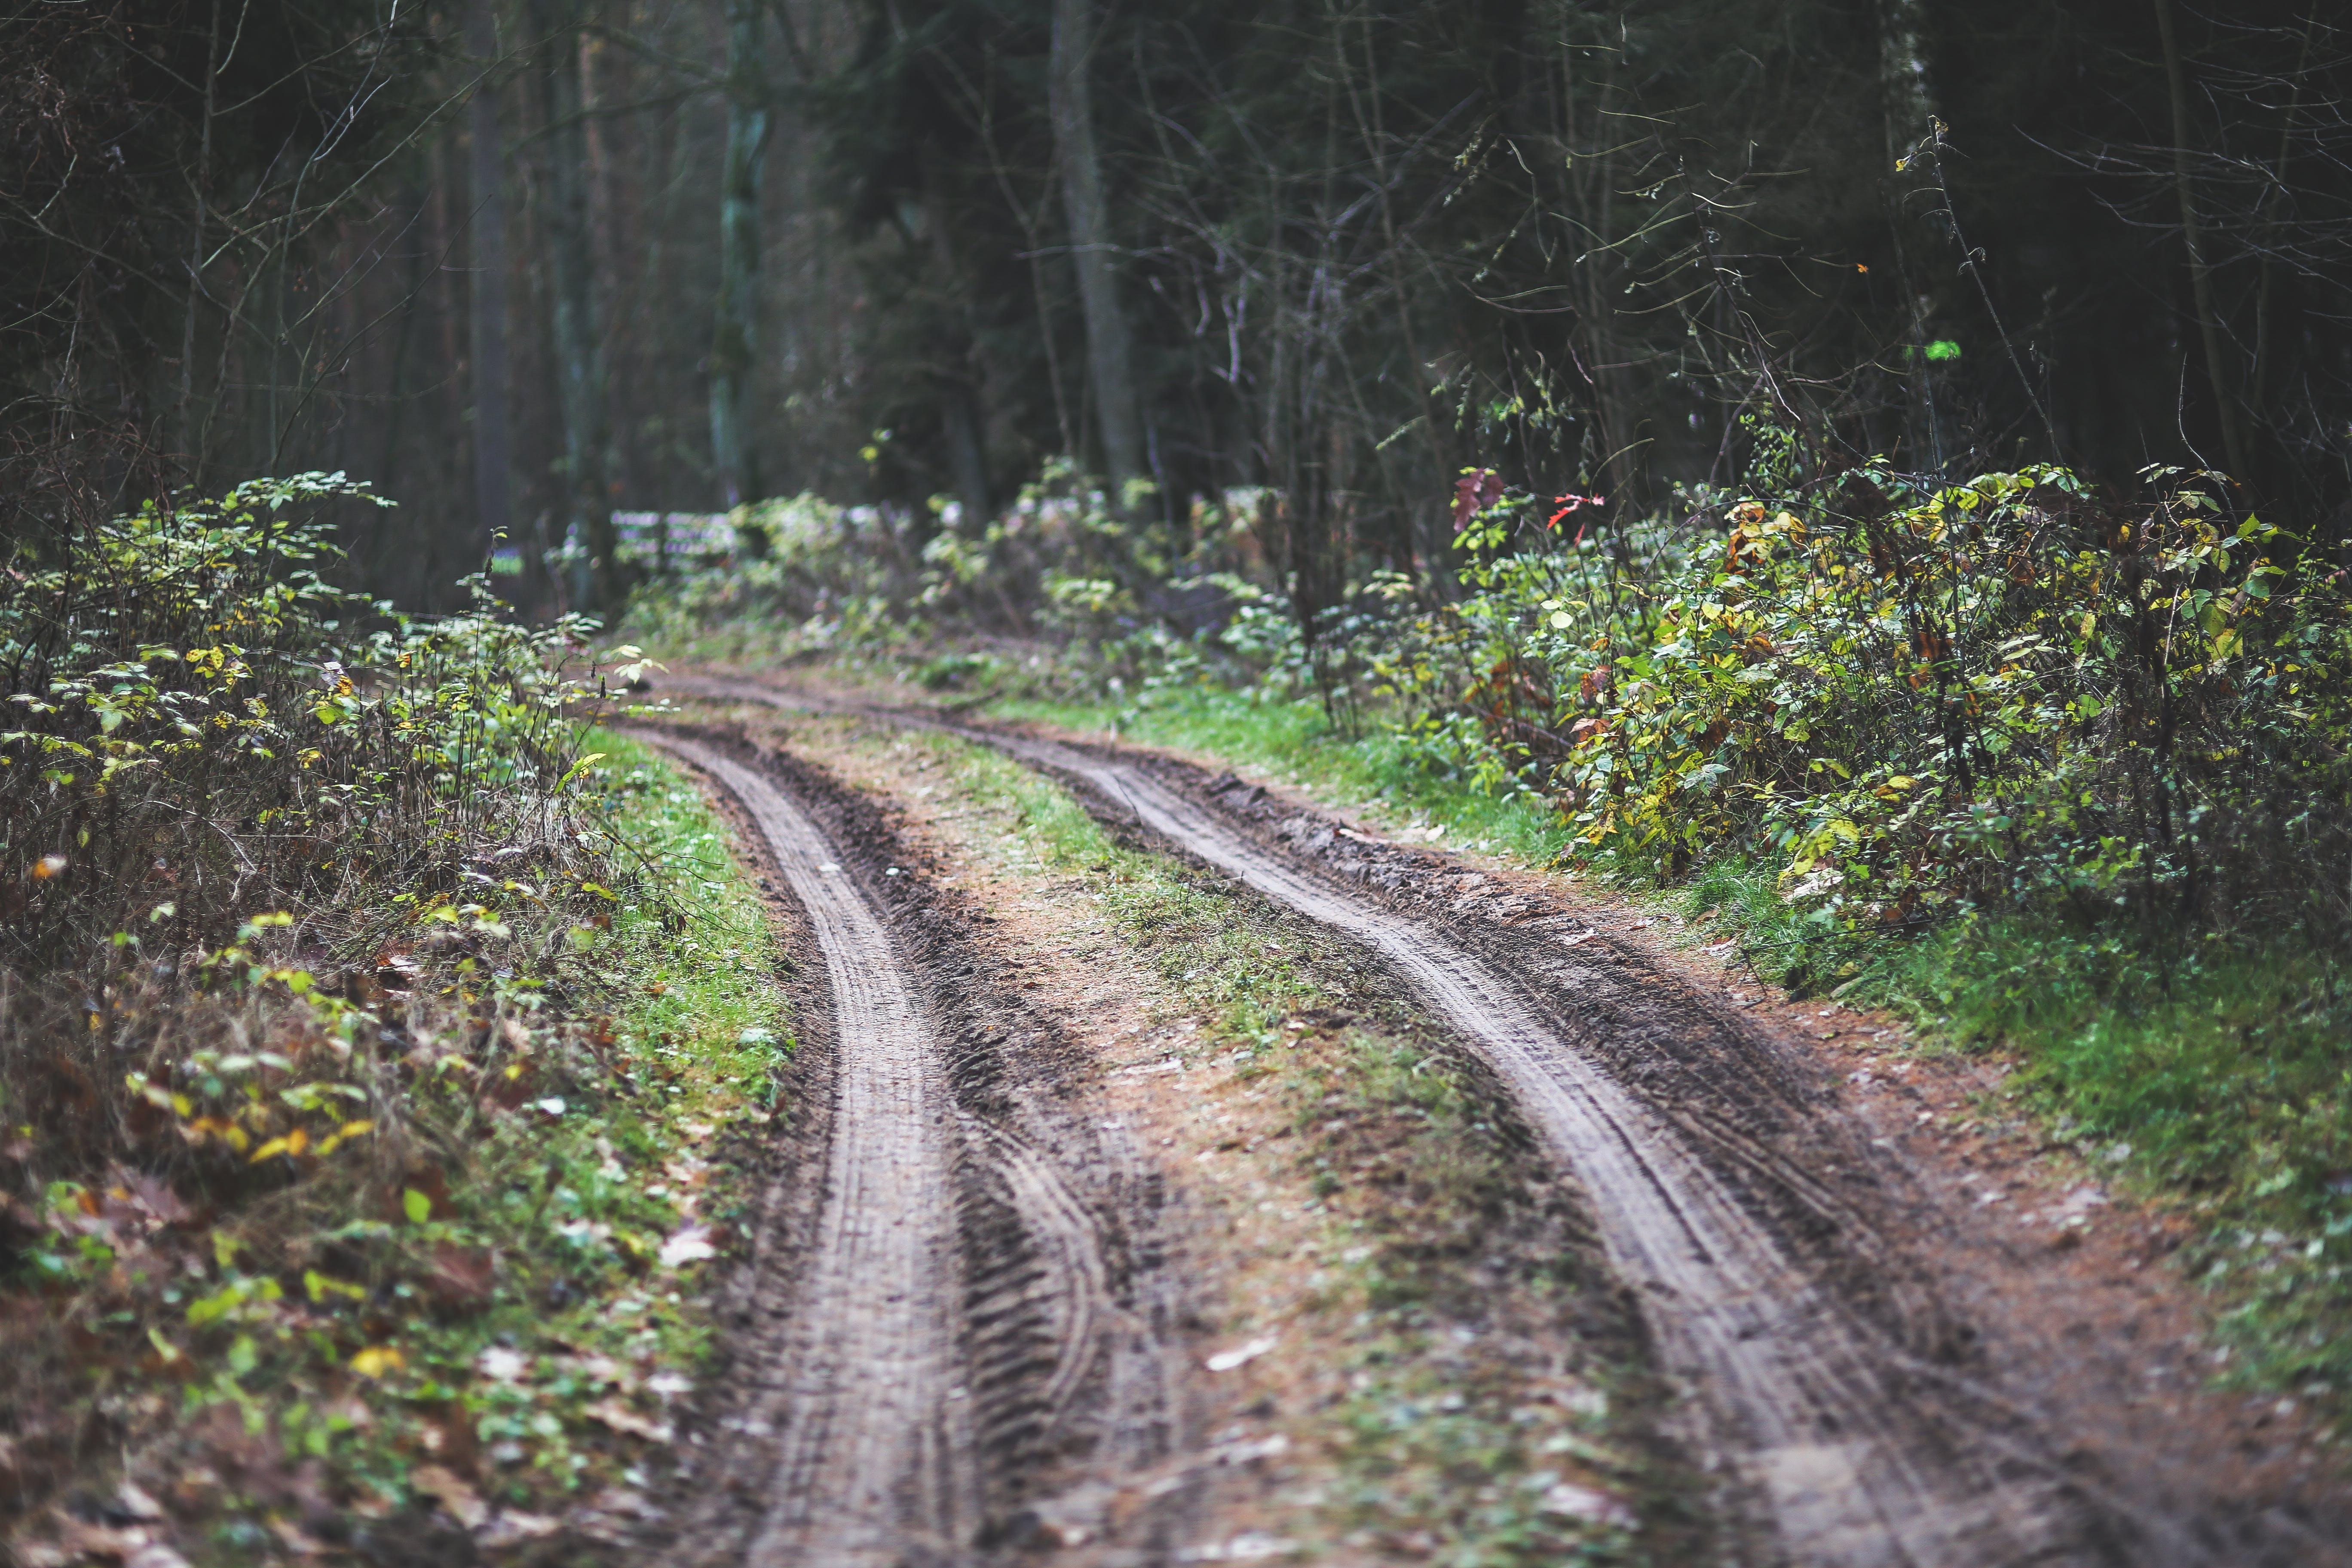 길, 나무, 더러운, 방향의 무료 스톡 사진